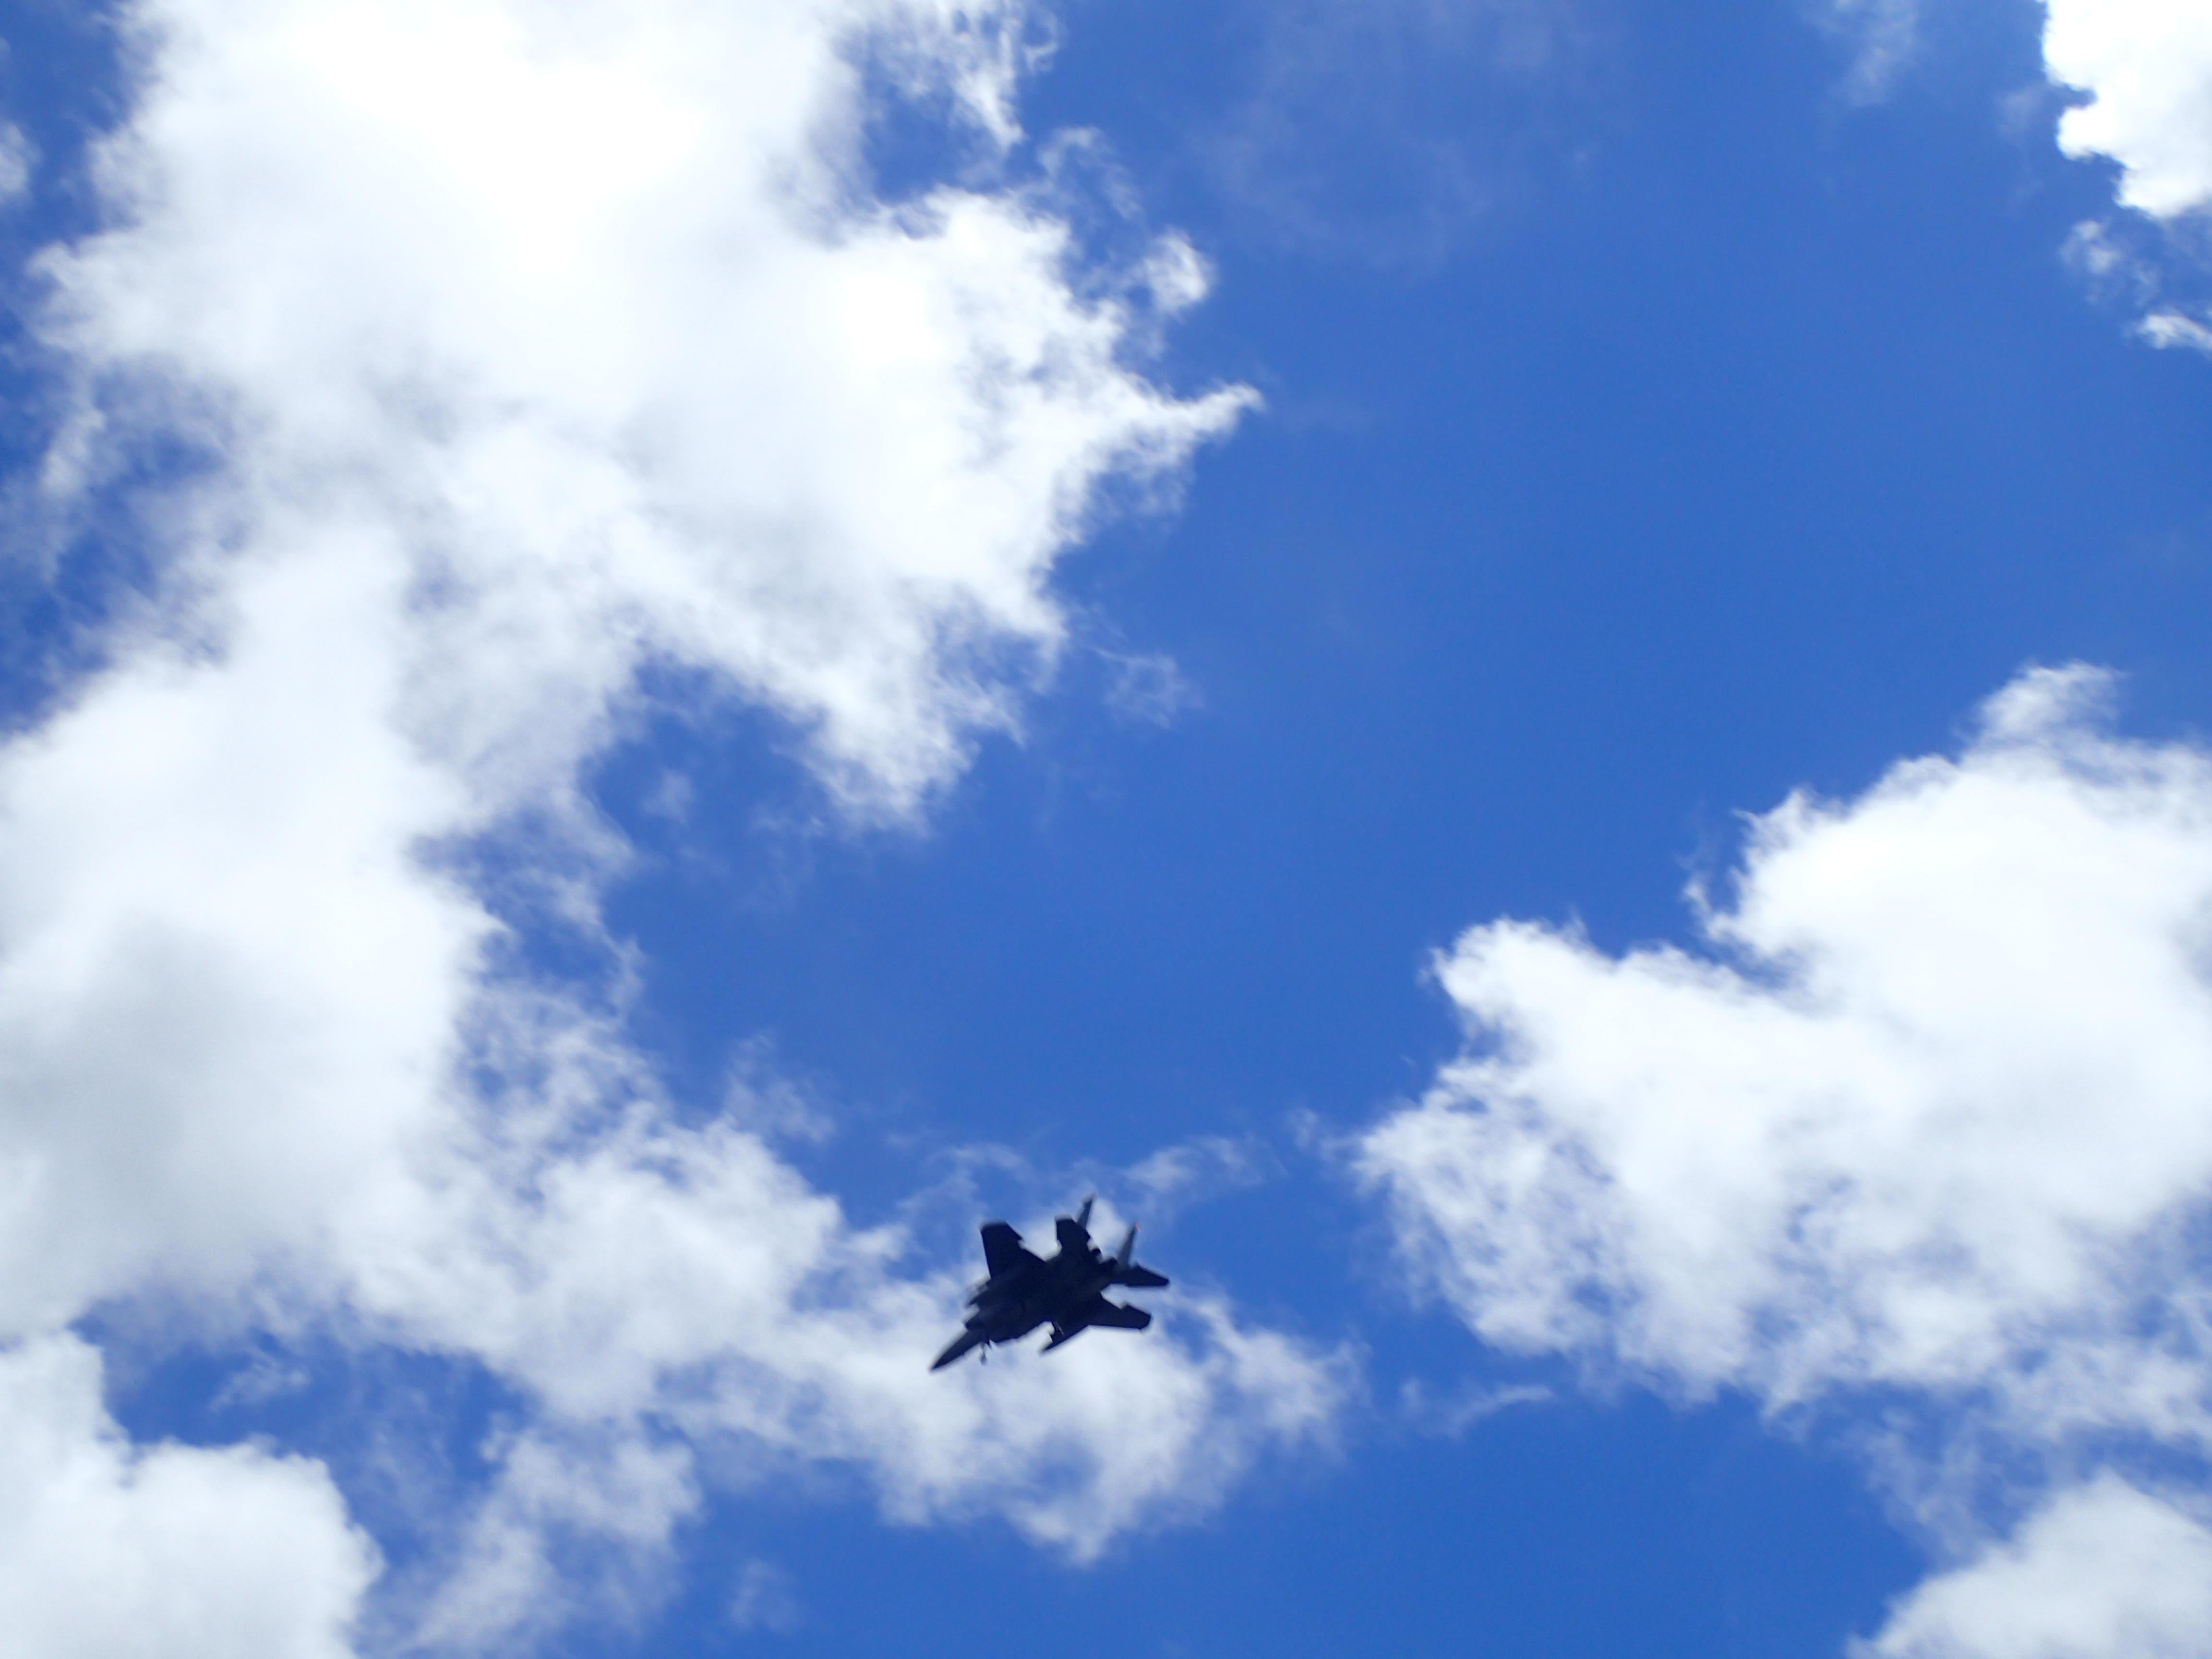 船上から戦闘機の撮影!ここでしかできない撮影です!